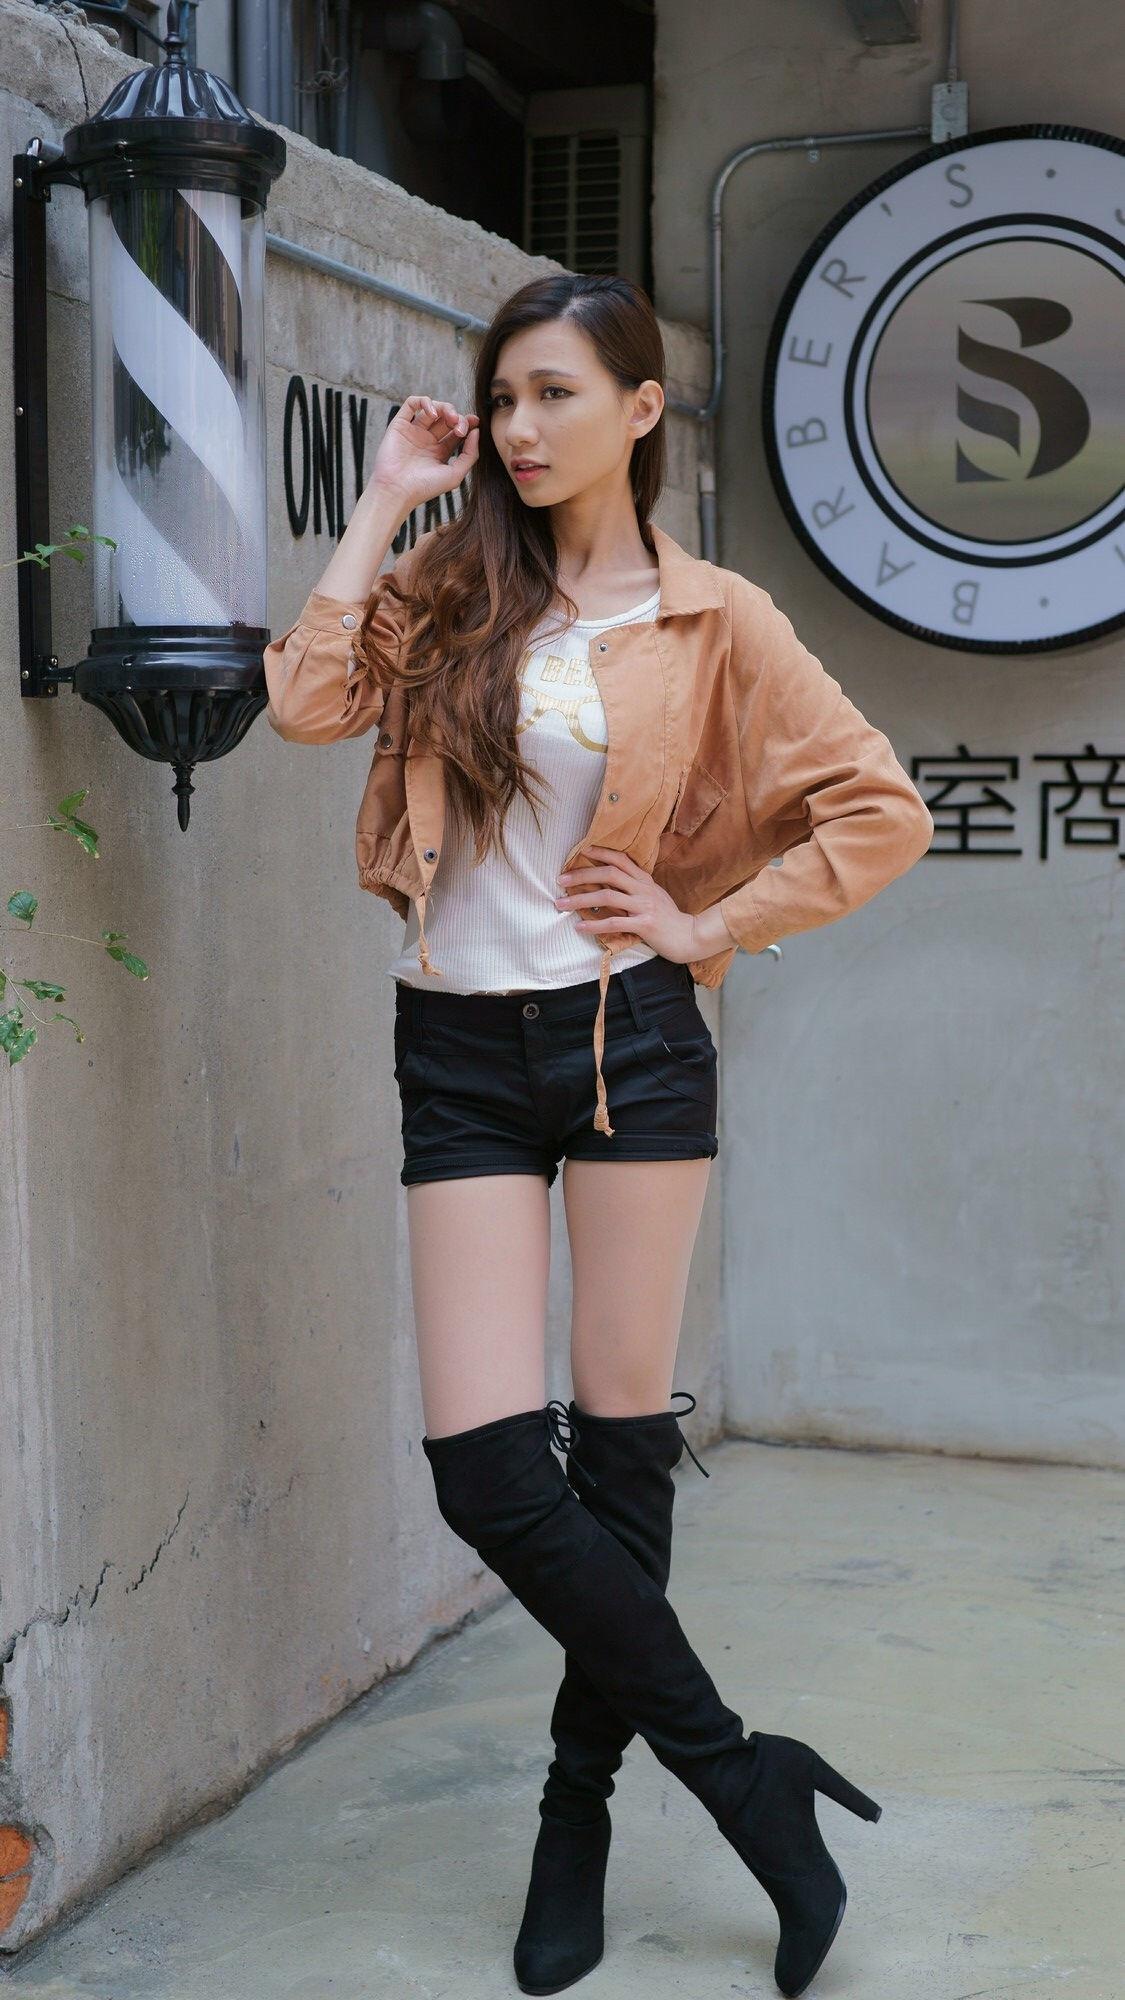 ニーハイブーツを履いた台湾美女Candice 4